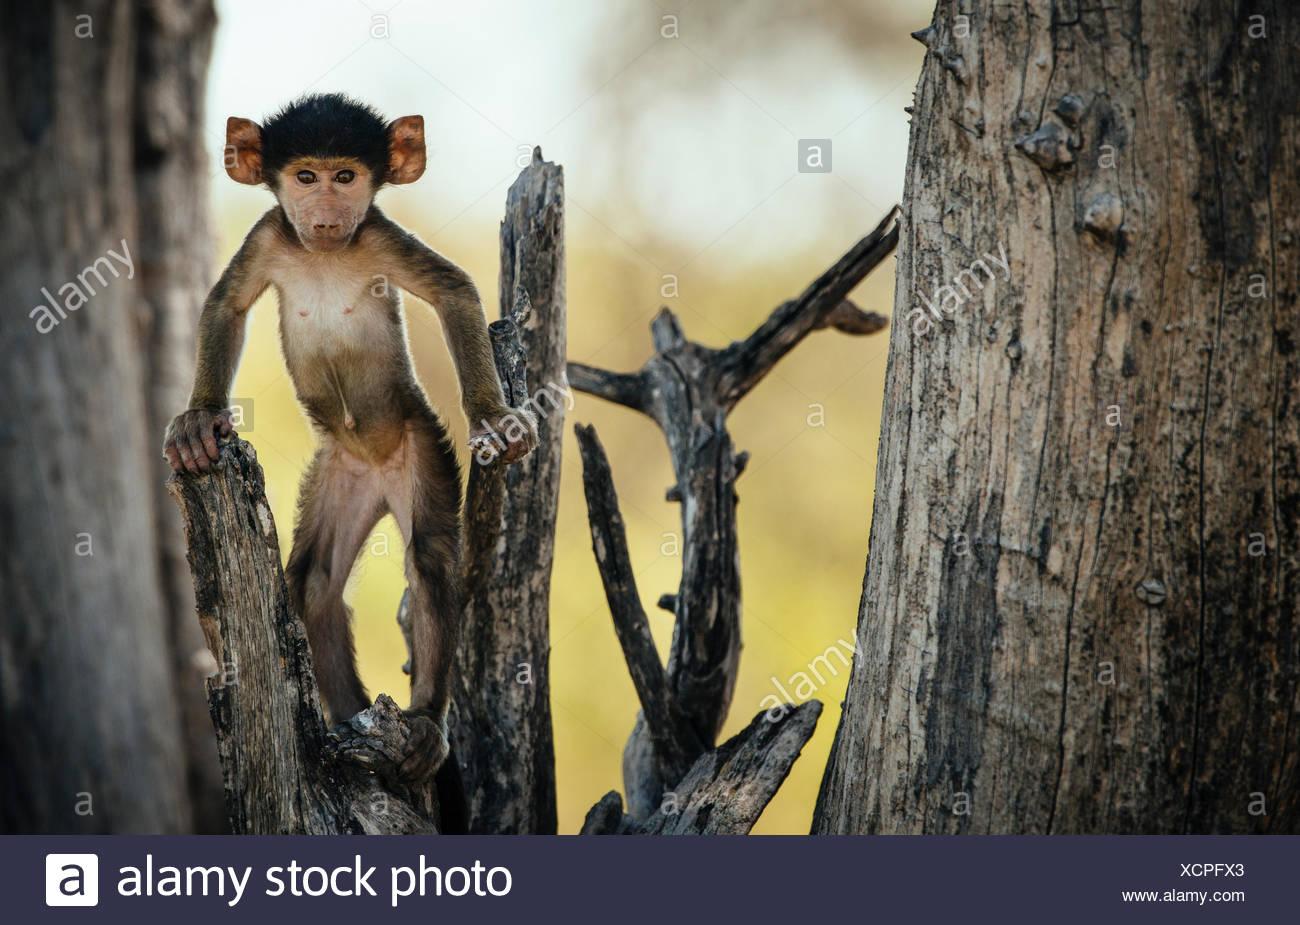 Un jeune babouin debout sur une branche d'arbre. Photo Stock